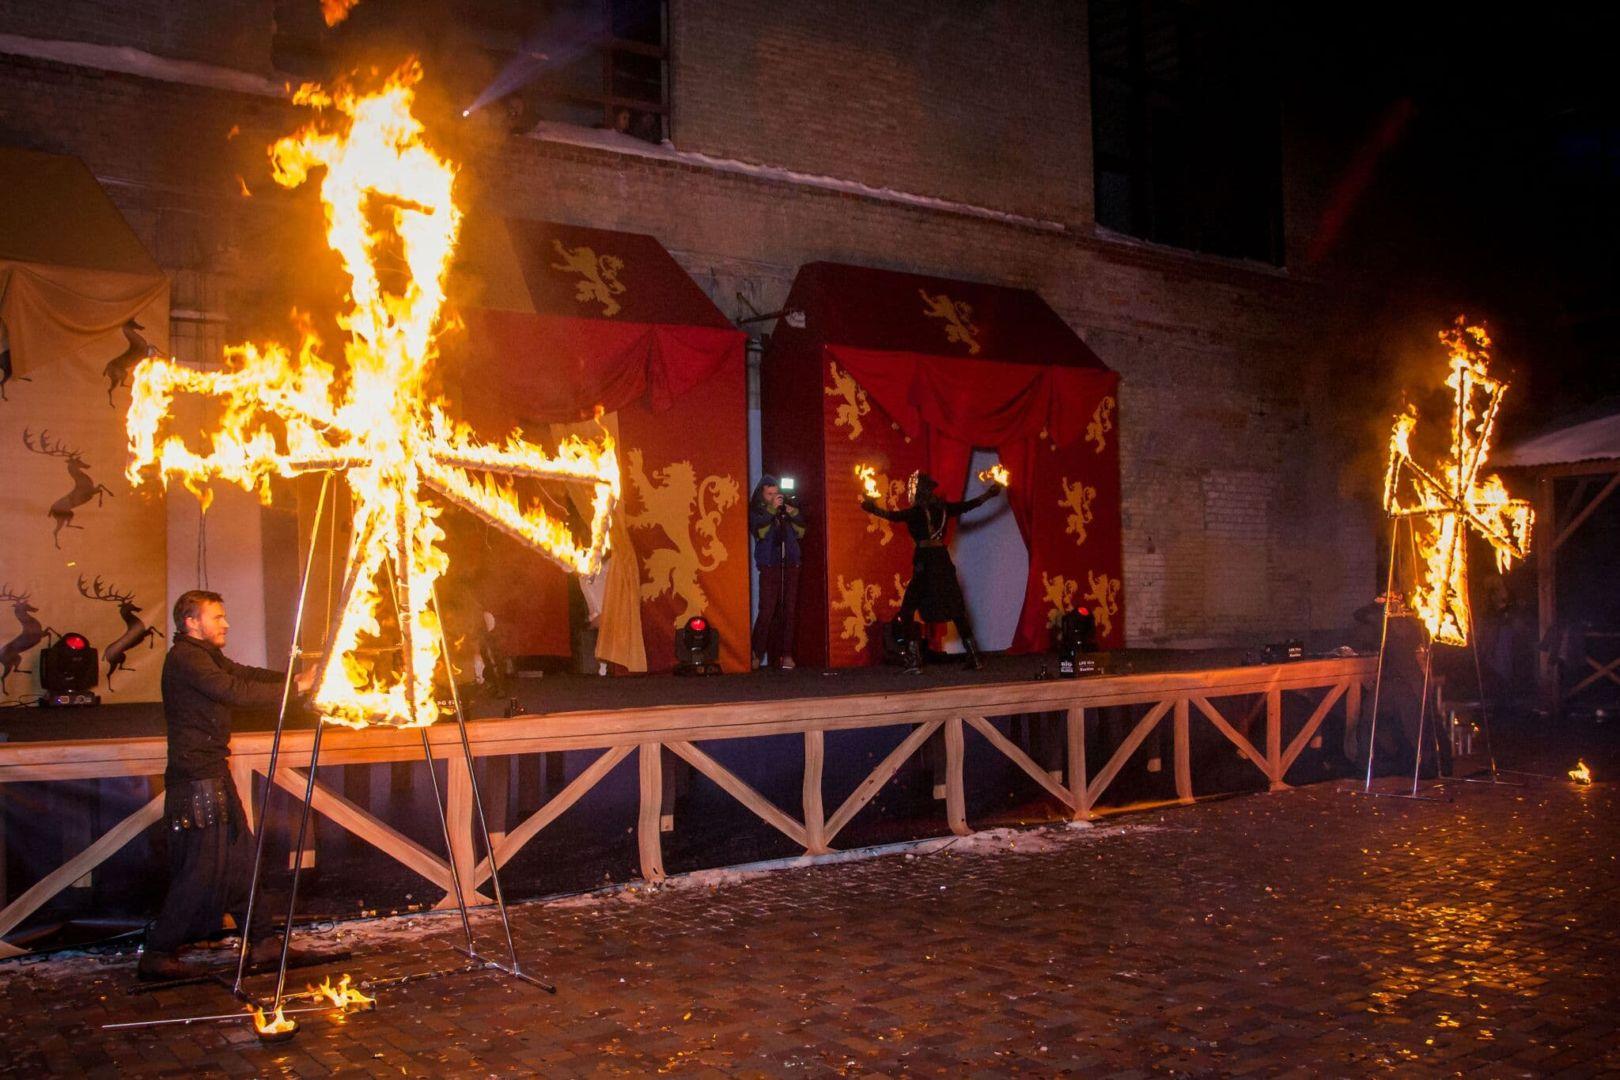 огненные мельницы, огненное шоу